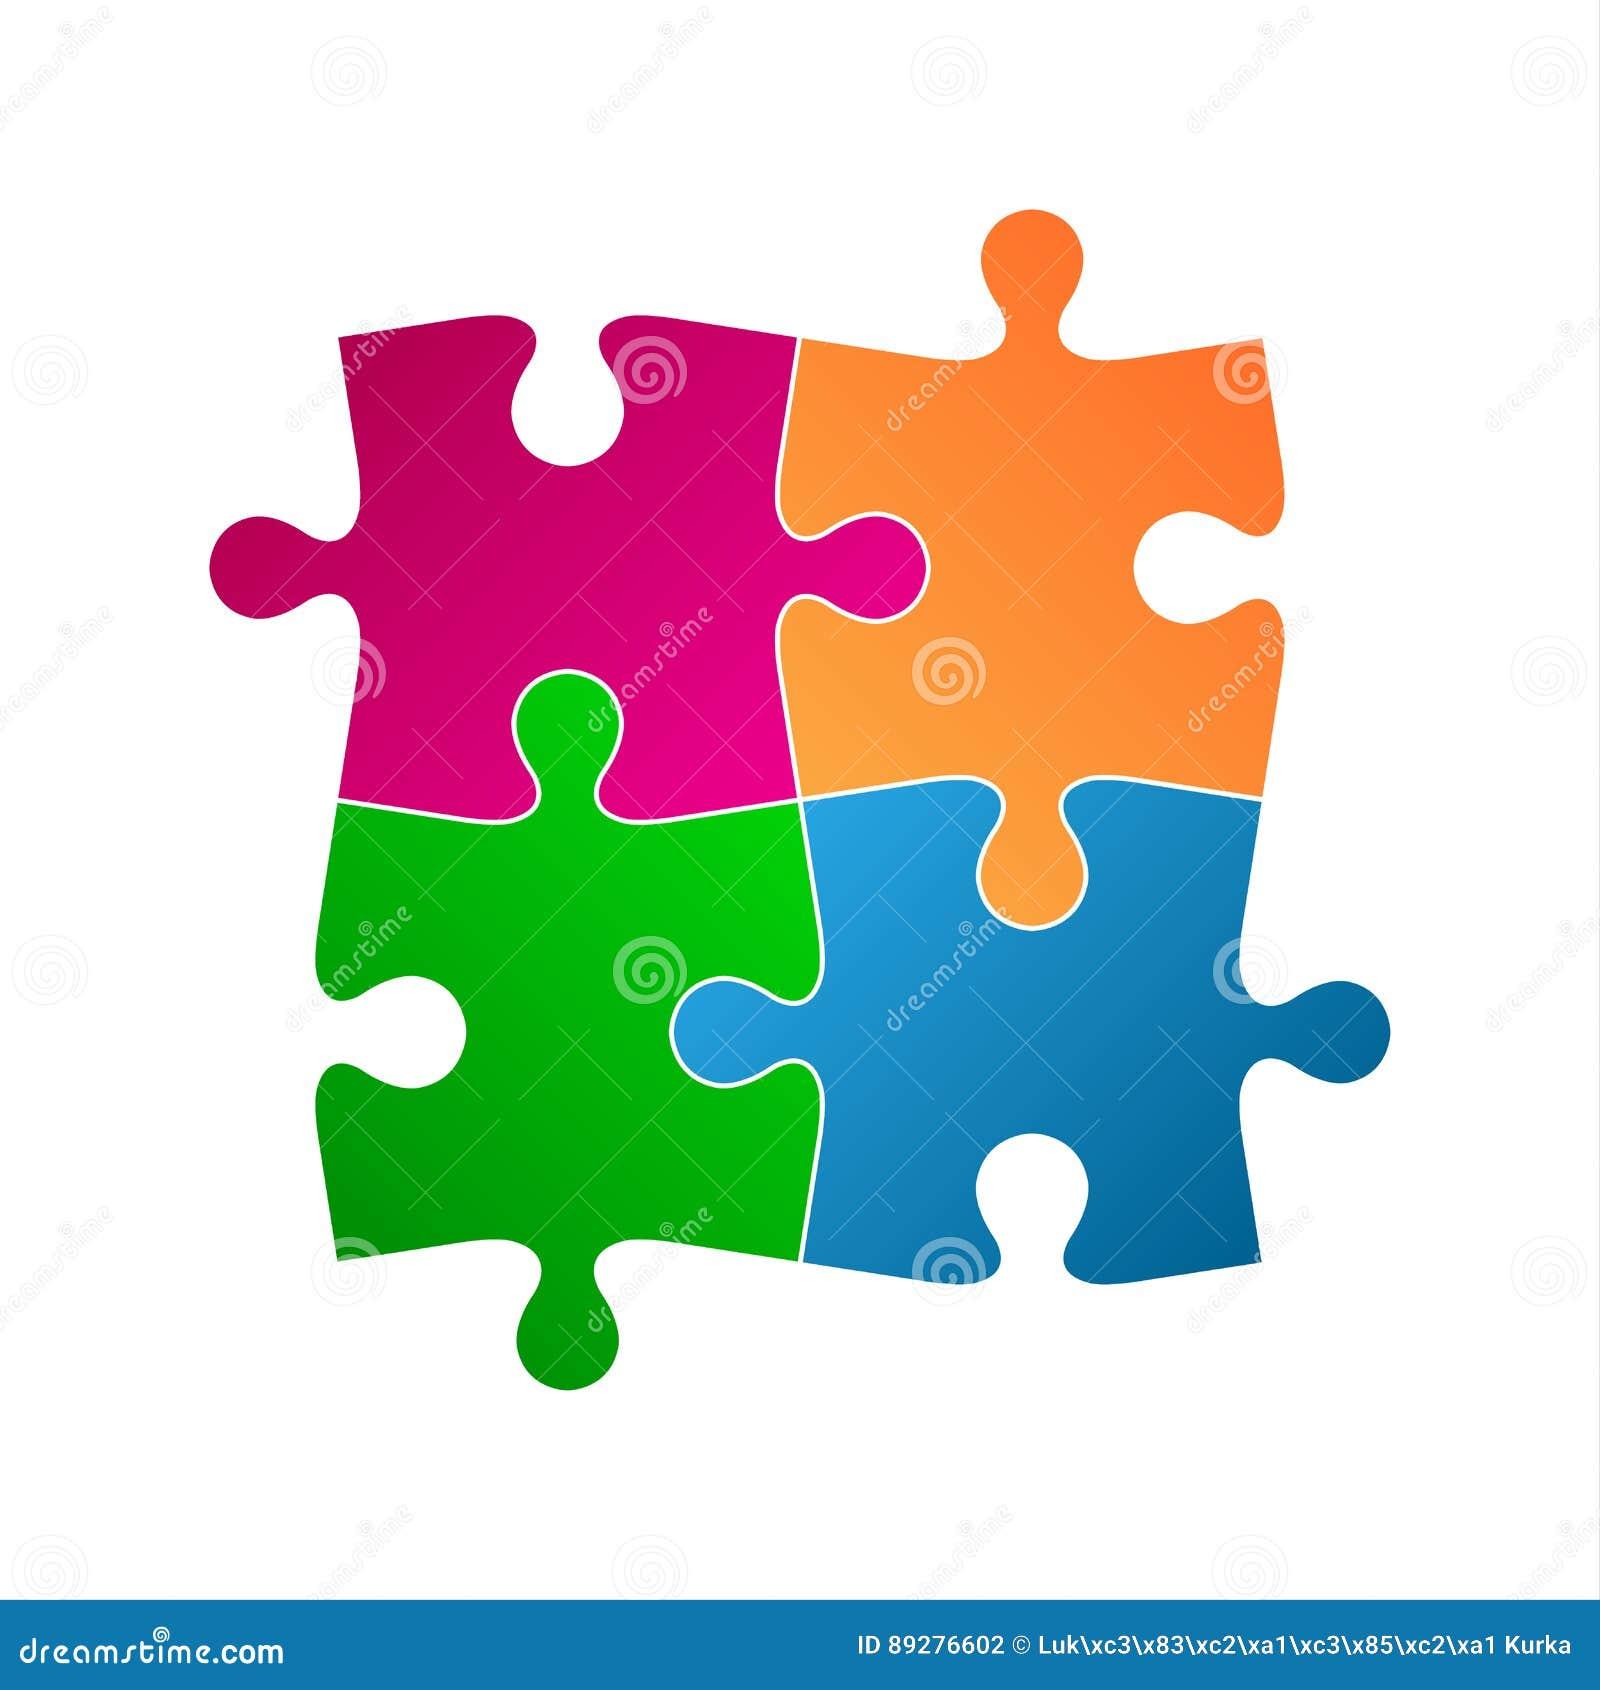 Cuatro pedazos coloreados del rompecabezas, icono del símbolo abstracto